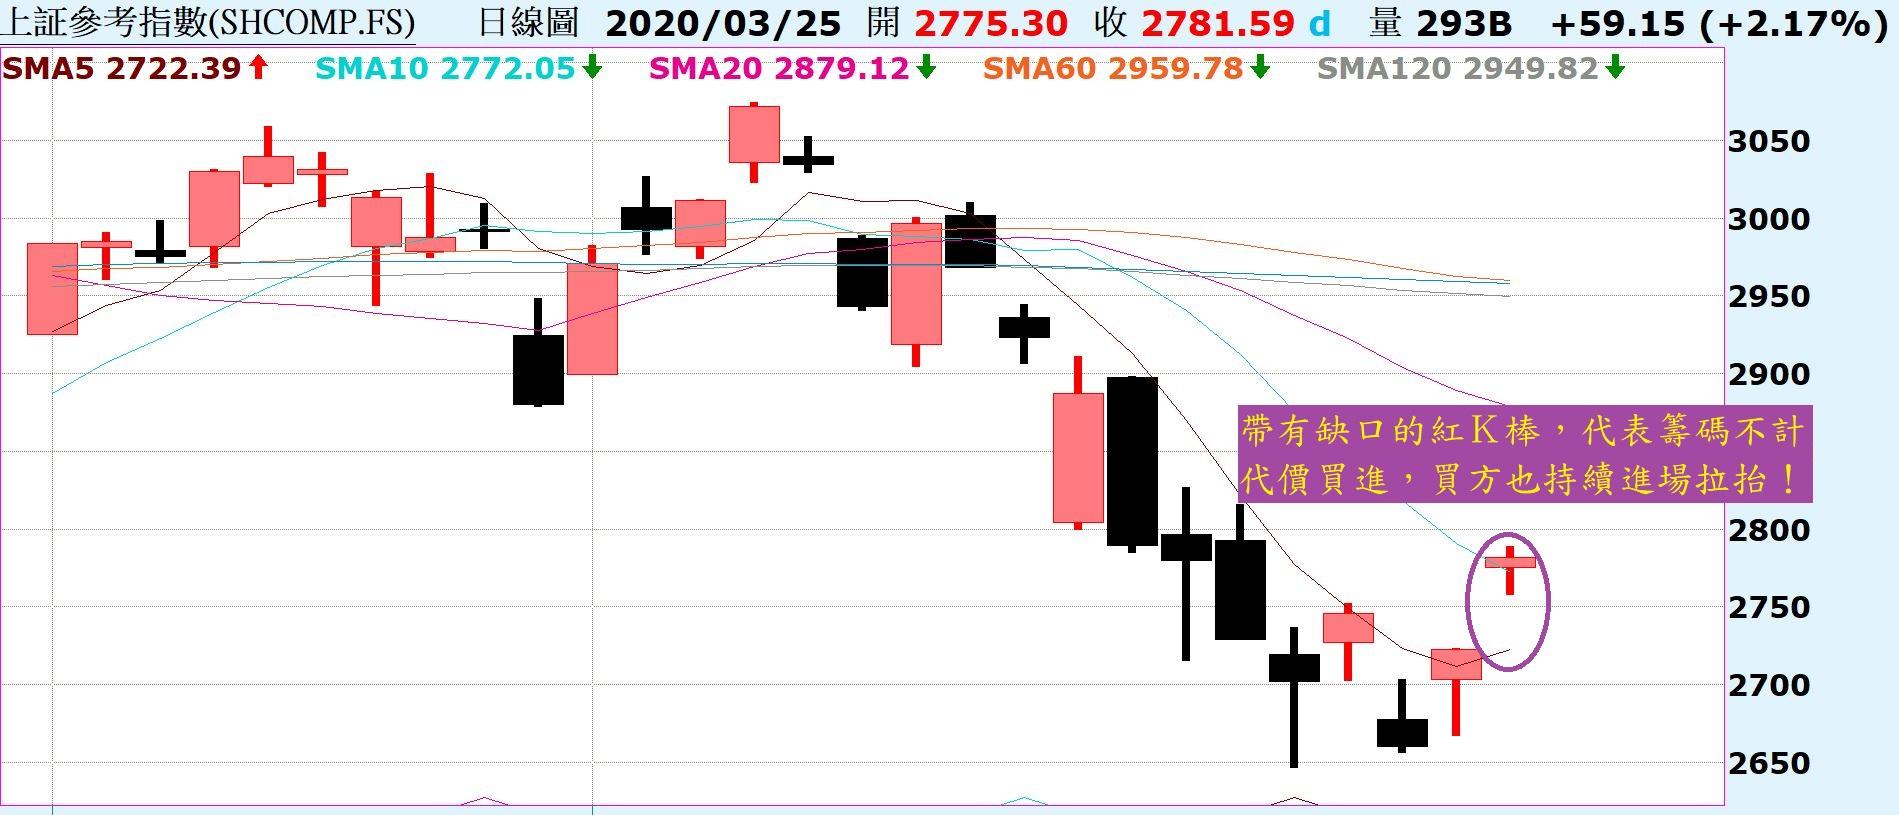 市場吹起一陣反彈風,走勢將持續向上反彈!_03